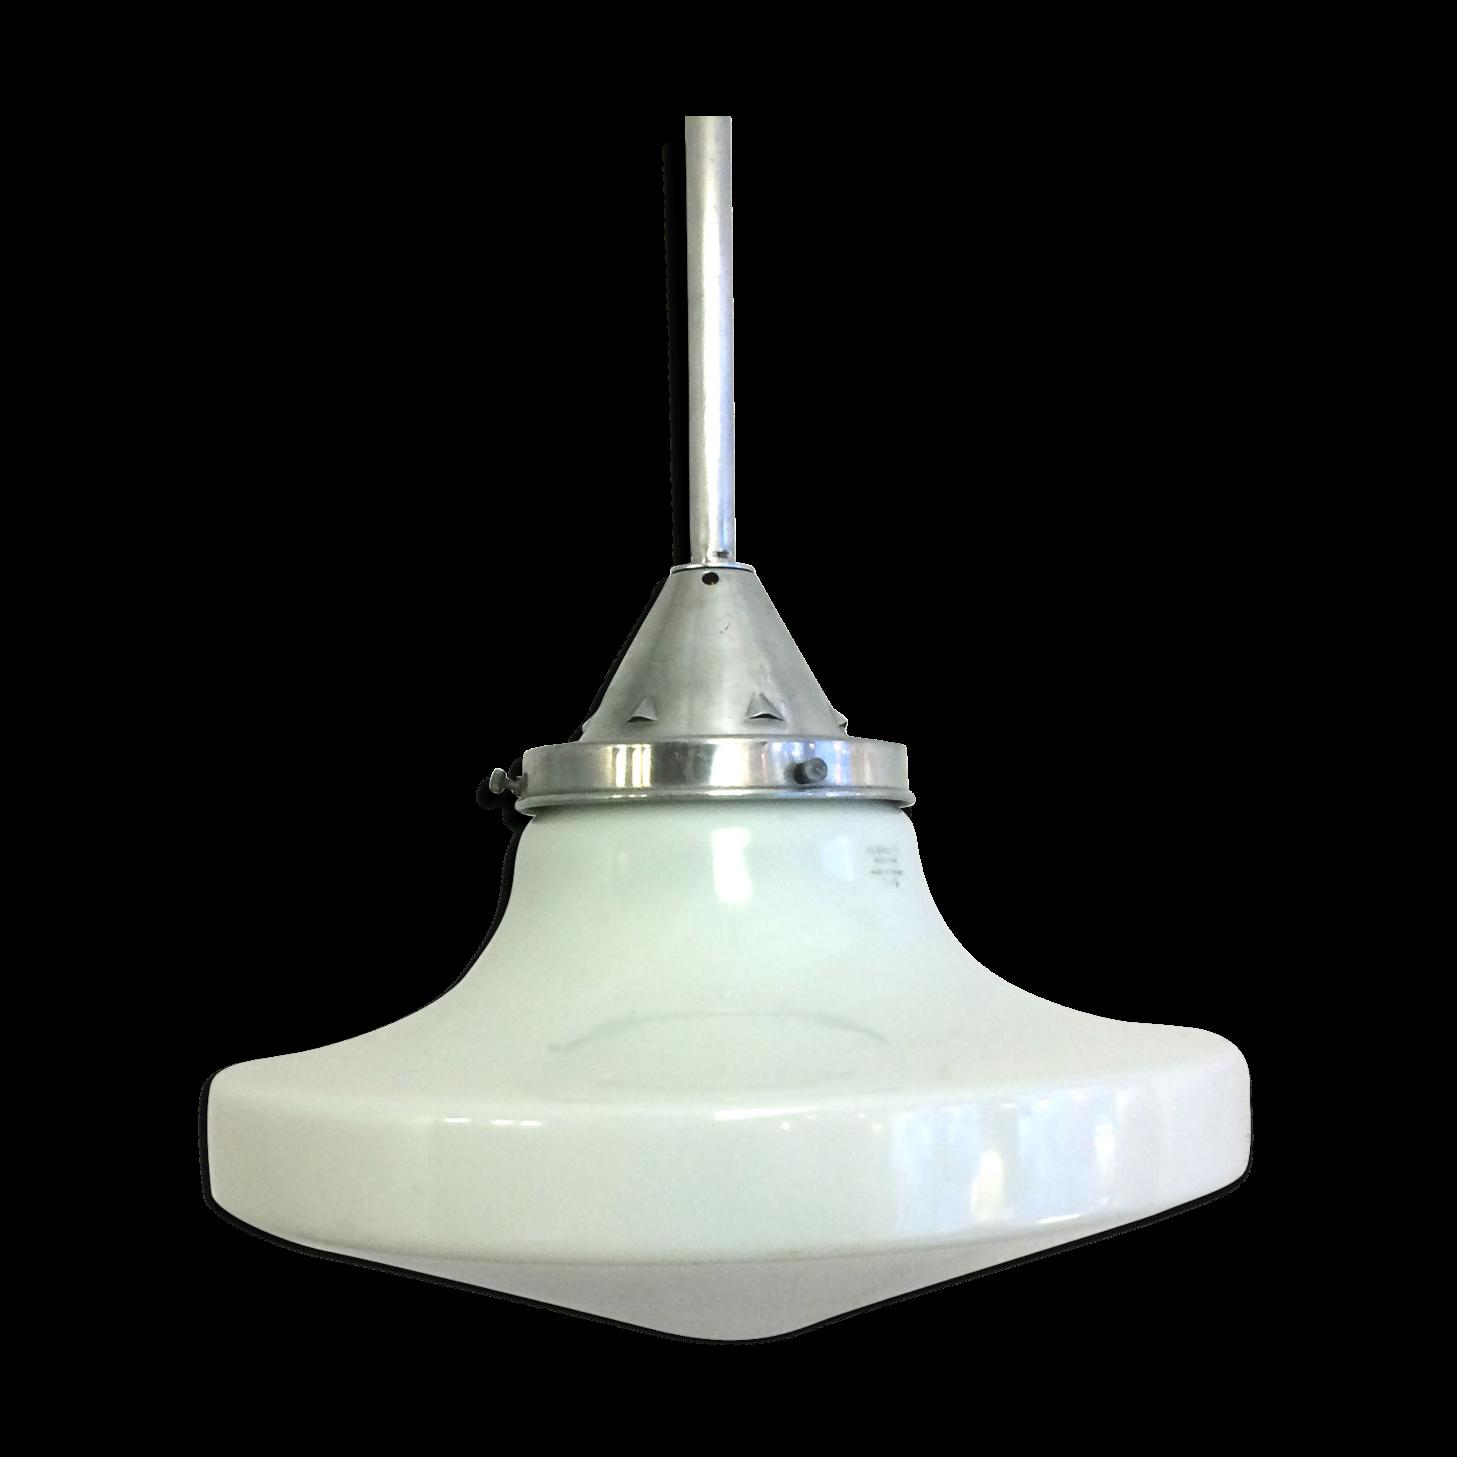 luminaire vintage industriel cheap lampes suspendues. Black Bedroom Furniture Sets. Home Design Ideas